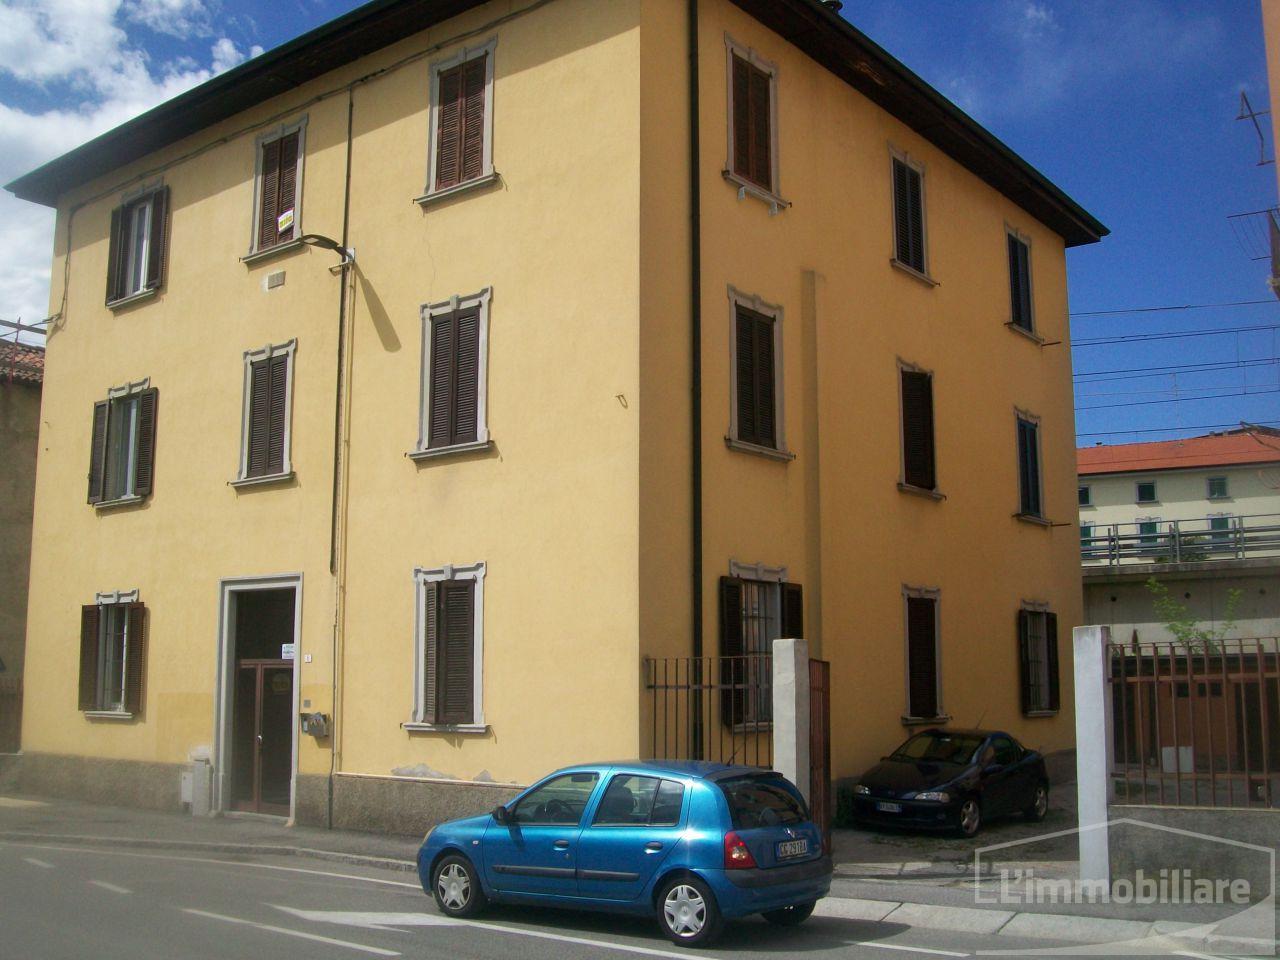 Bilocali In Affitto A Bergamo Of Bilocale Affitto Bergamo Via Luigi Magrini